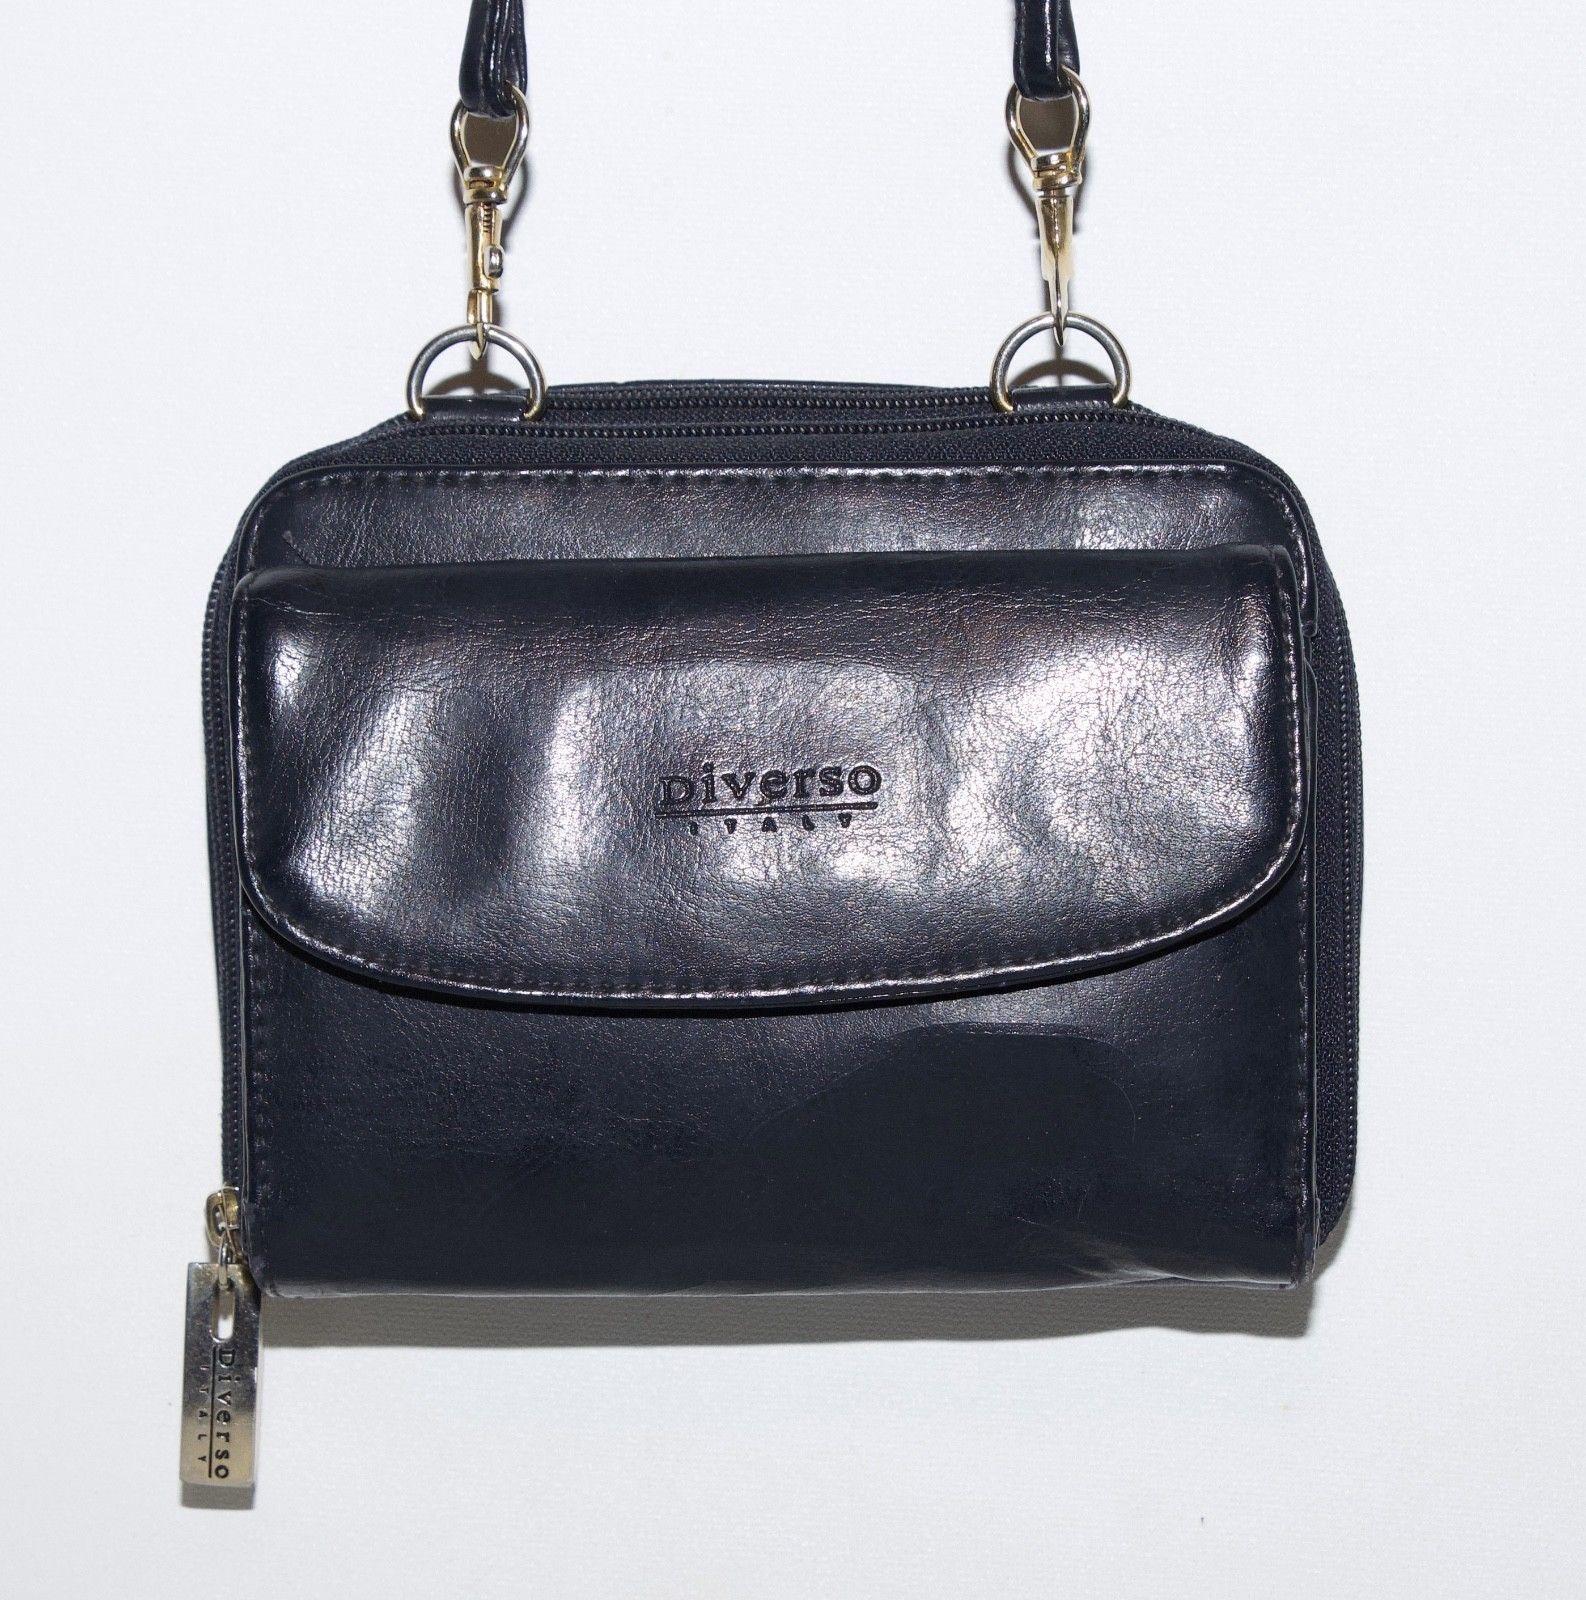 Vintage Diverso Italy Leather Handbag Crossbody Shoulder Purse Wallet Black